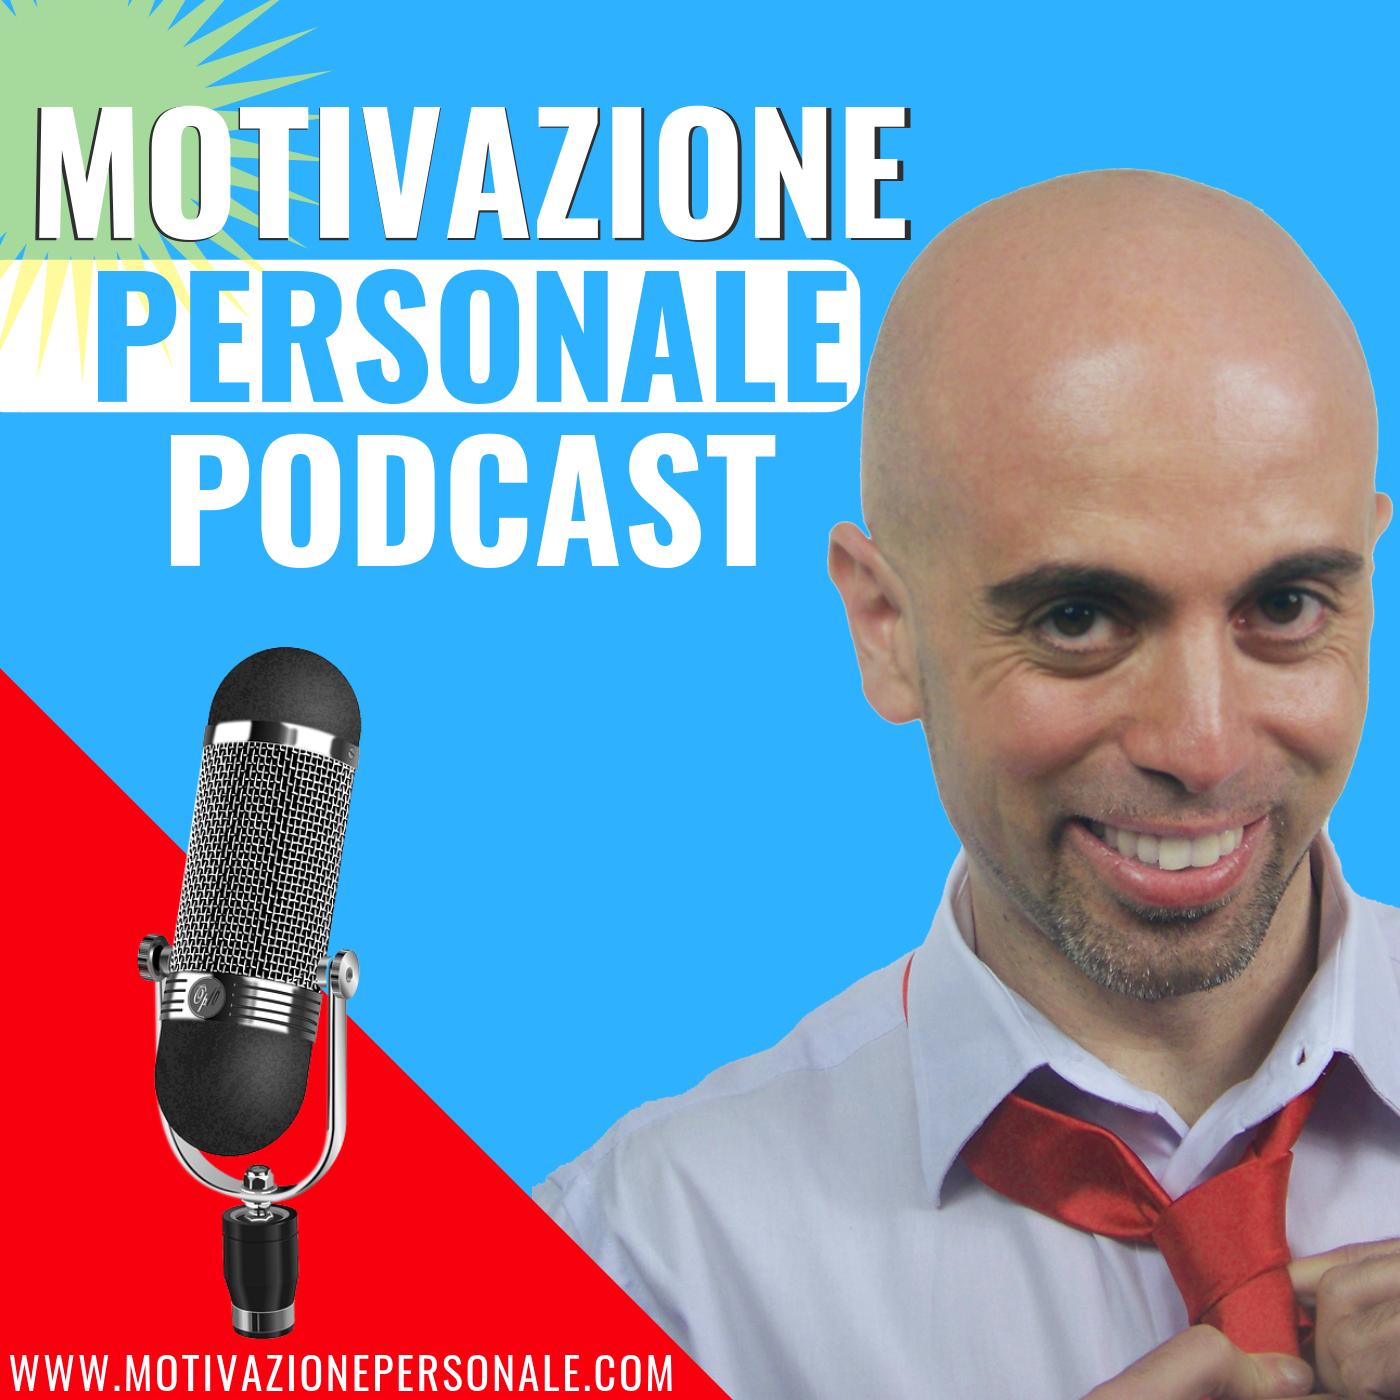 Ep. 90 - Solo per vederti felice (Ospite Rosario Pellecchia - Radio 105) - Motivazione Personale Podcast